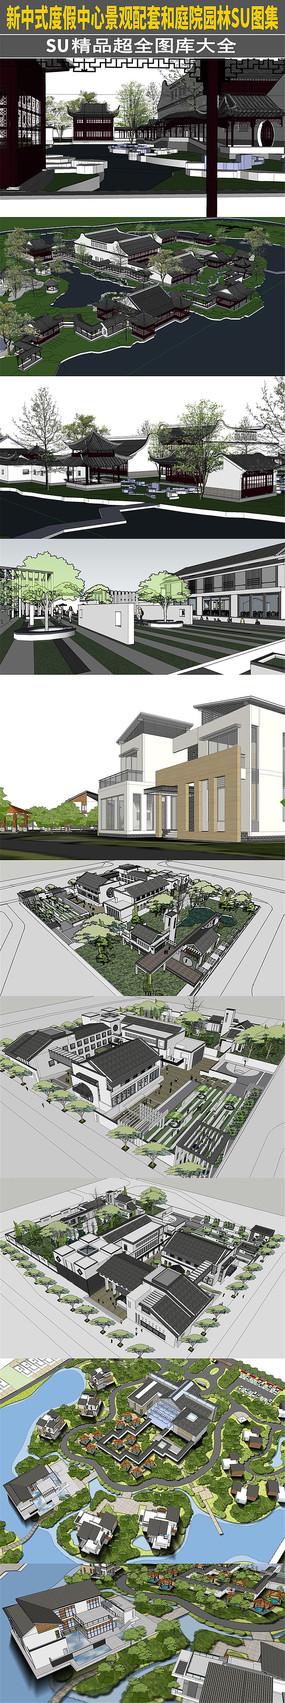 新中式度假中心景观配套和庭院园林SU图集